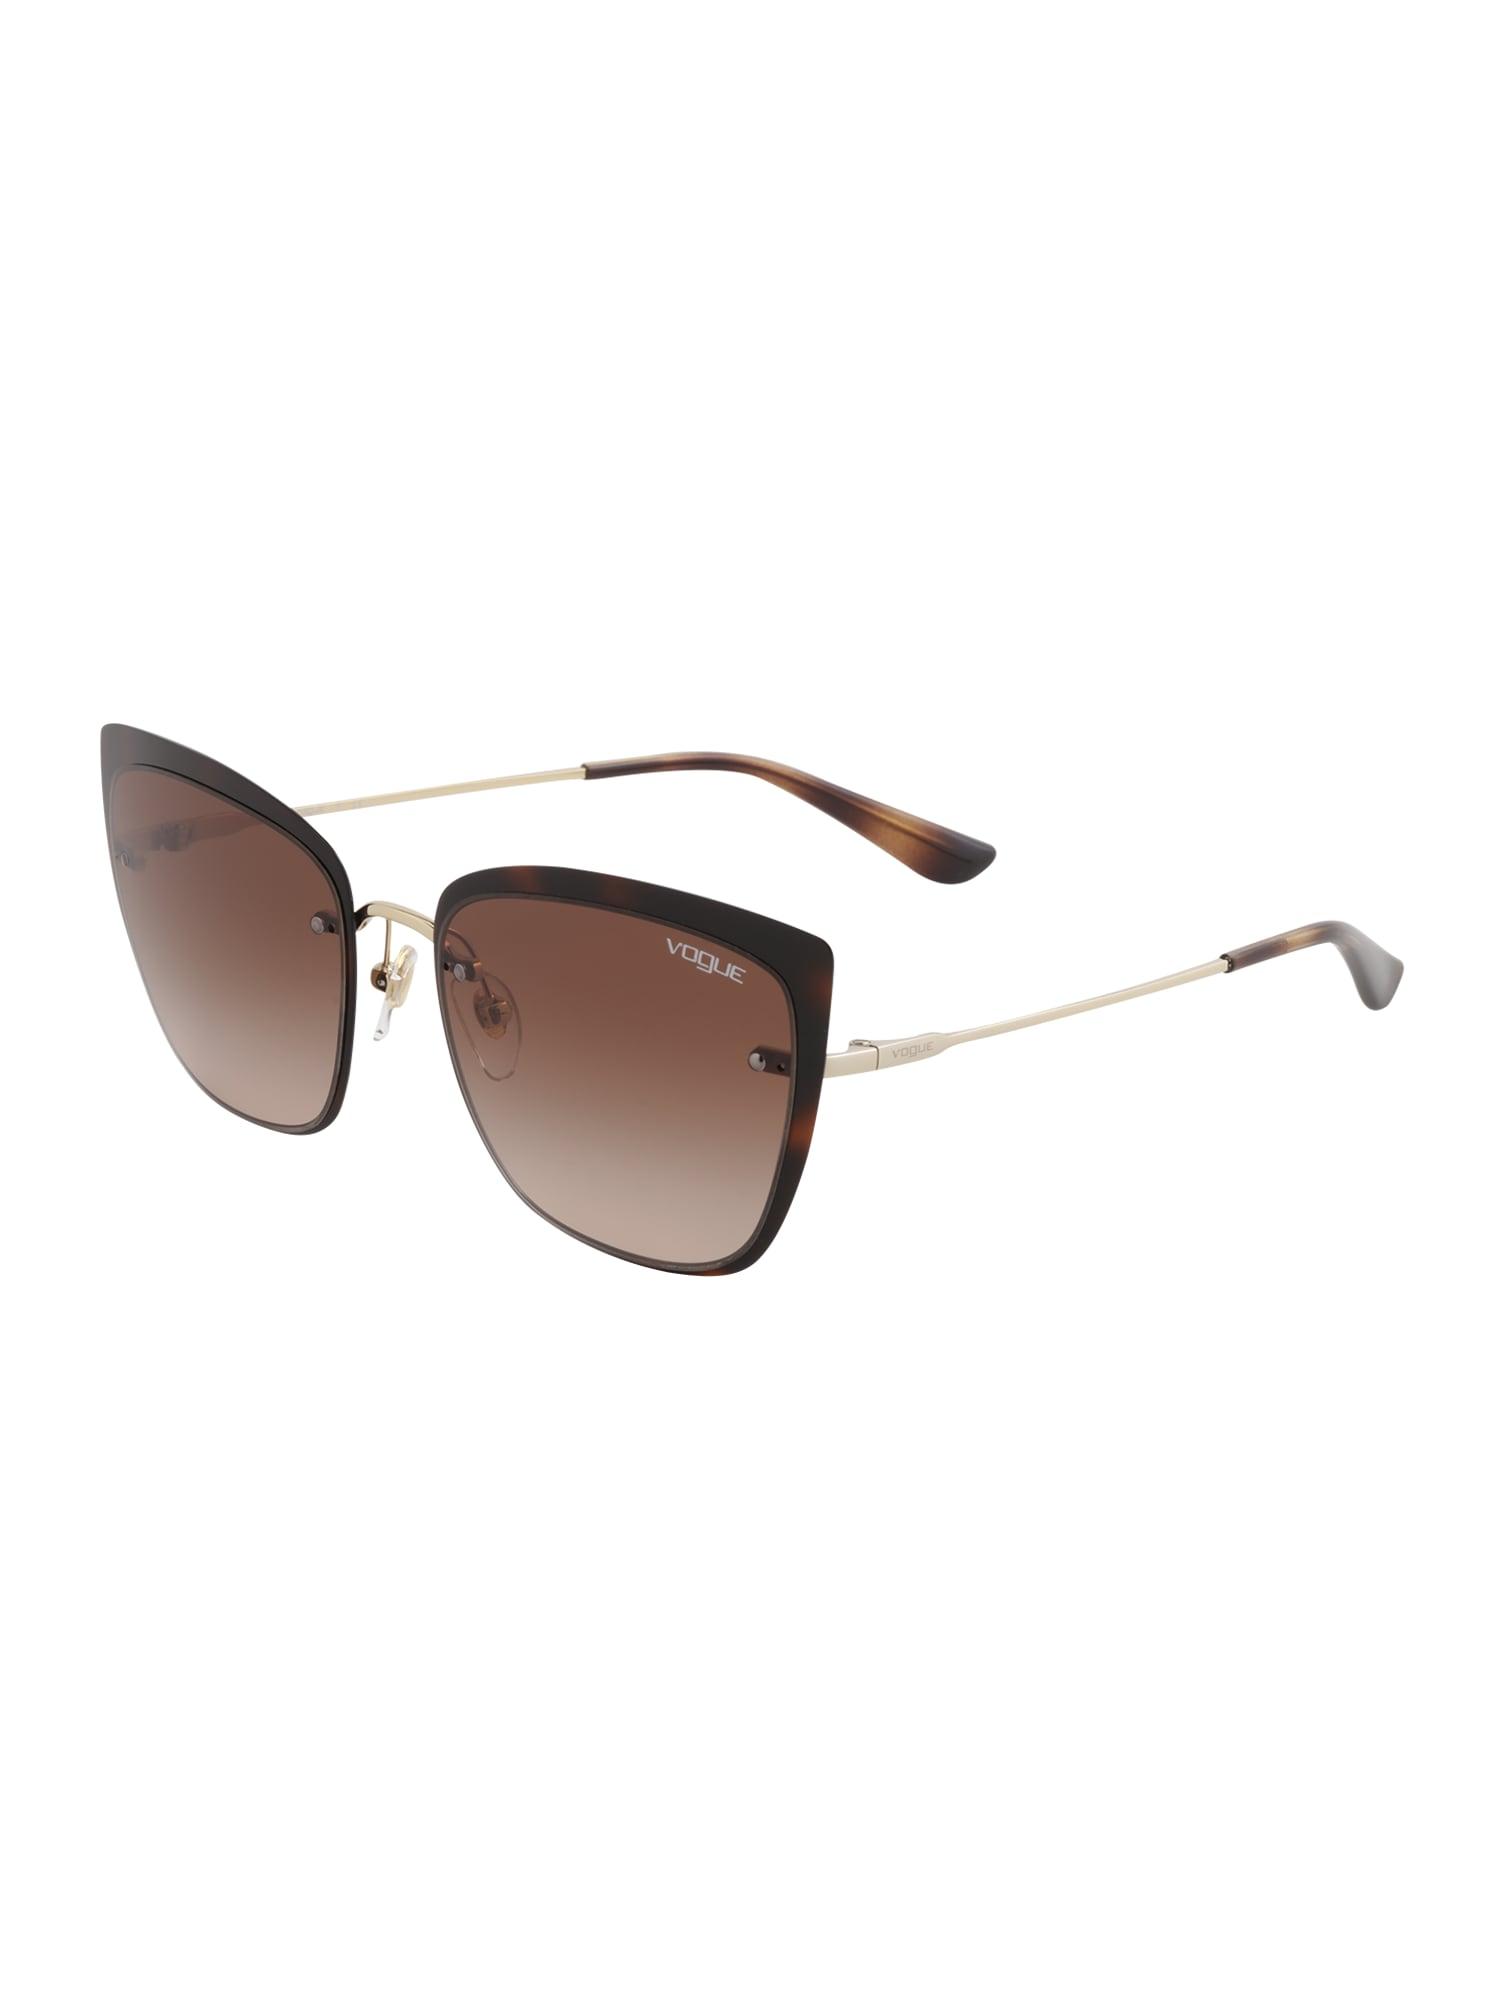 VOGUE Eyewear Akiniai nuo saulės '0VO4158S' ruda / auksas